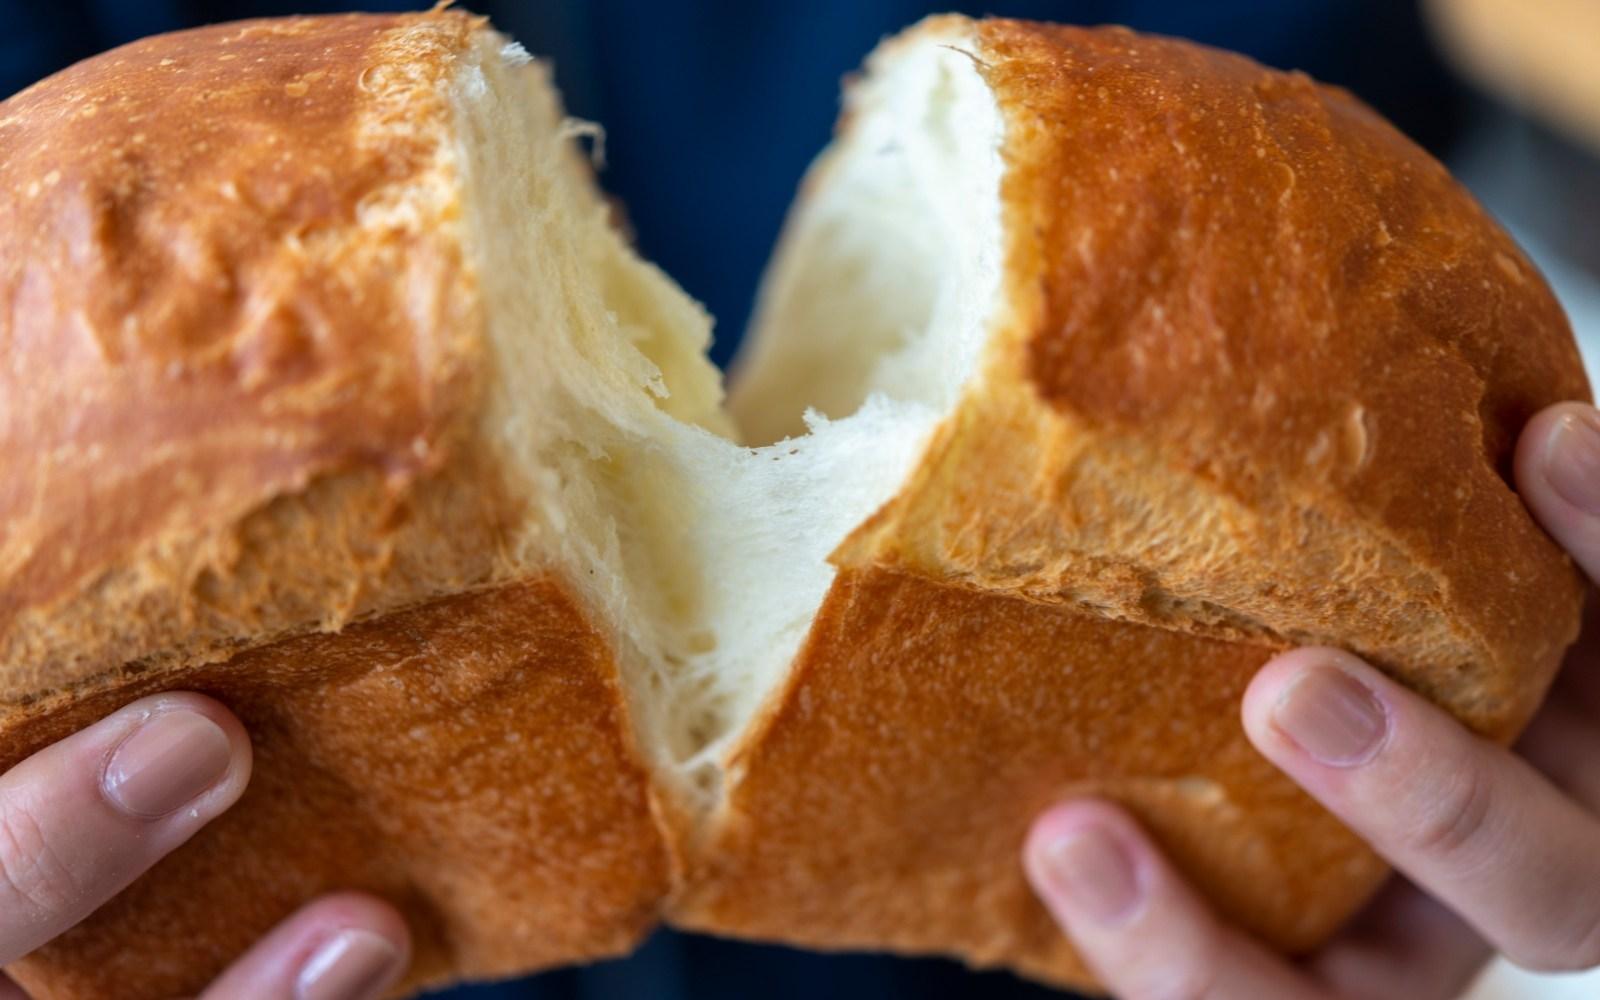 わくわくする、こだわりの詰まったオリジナルパン